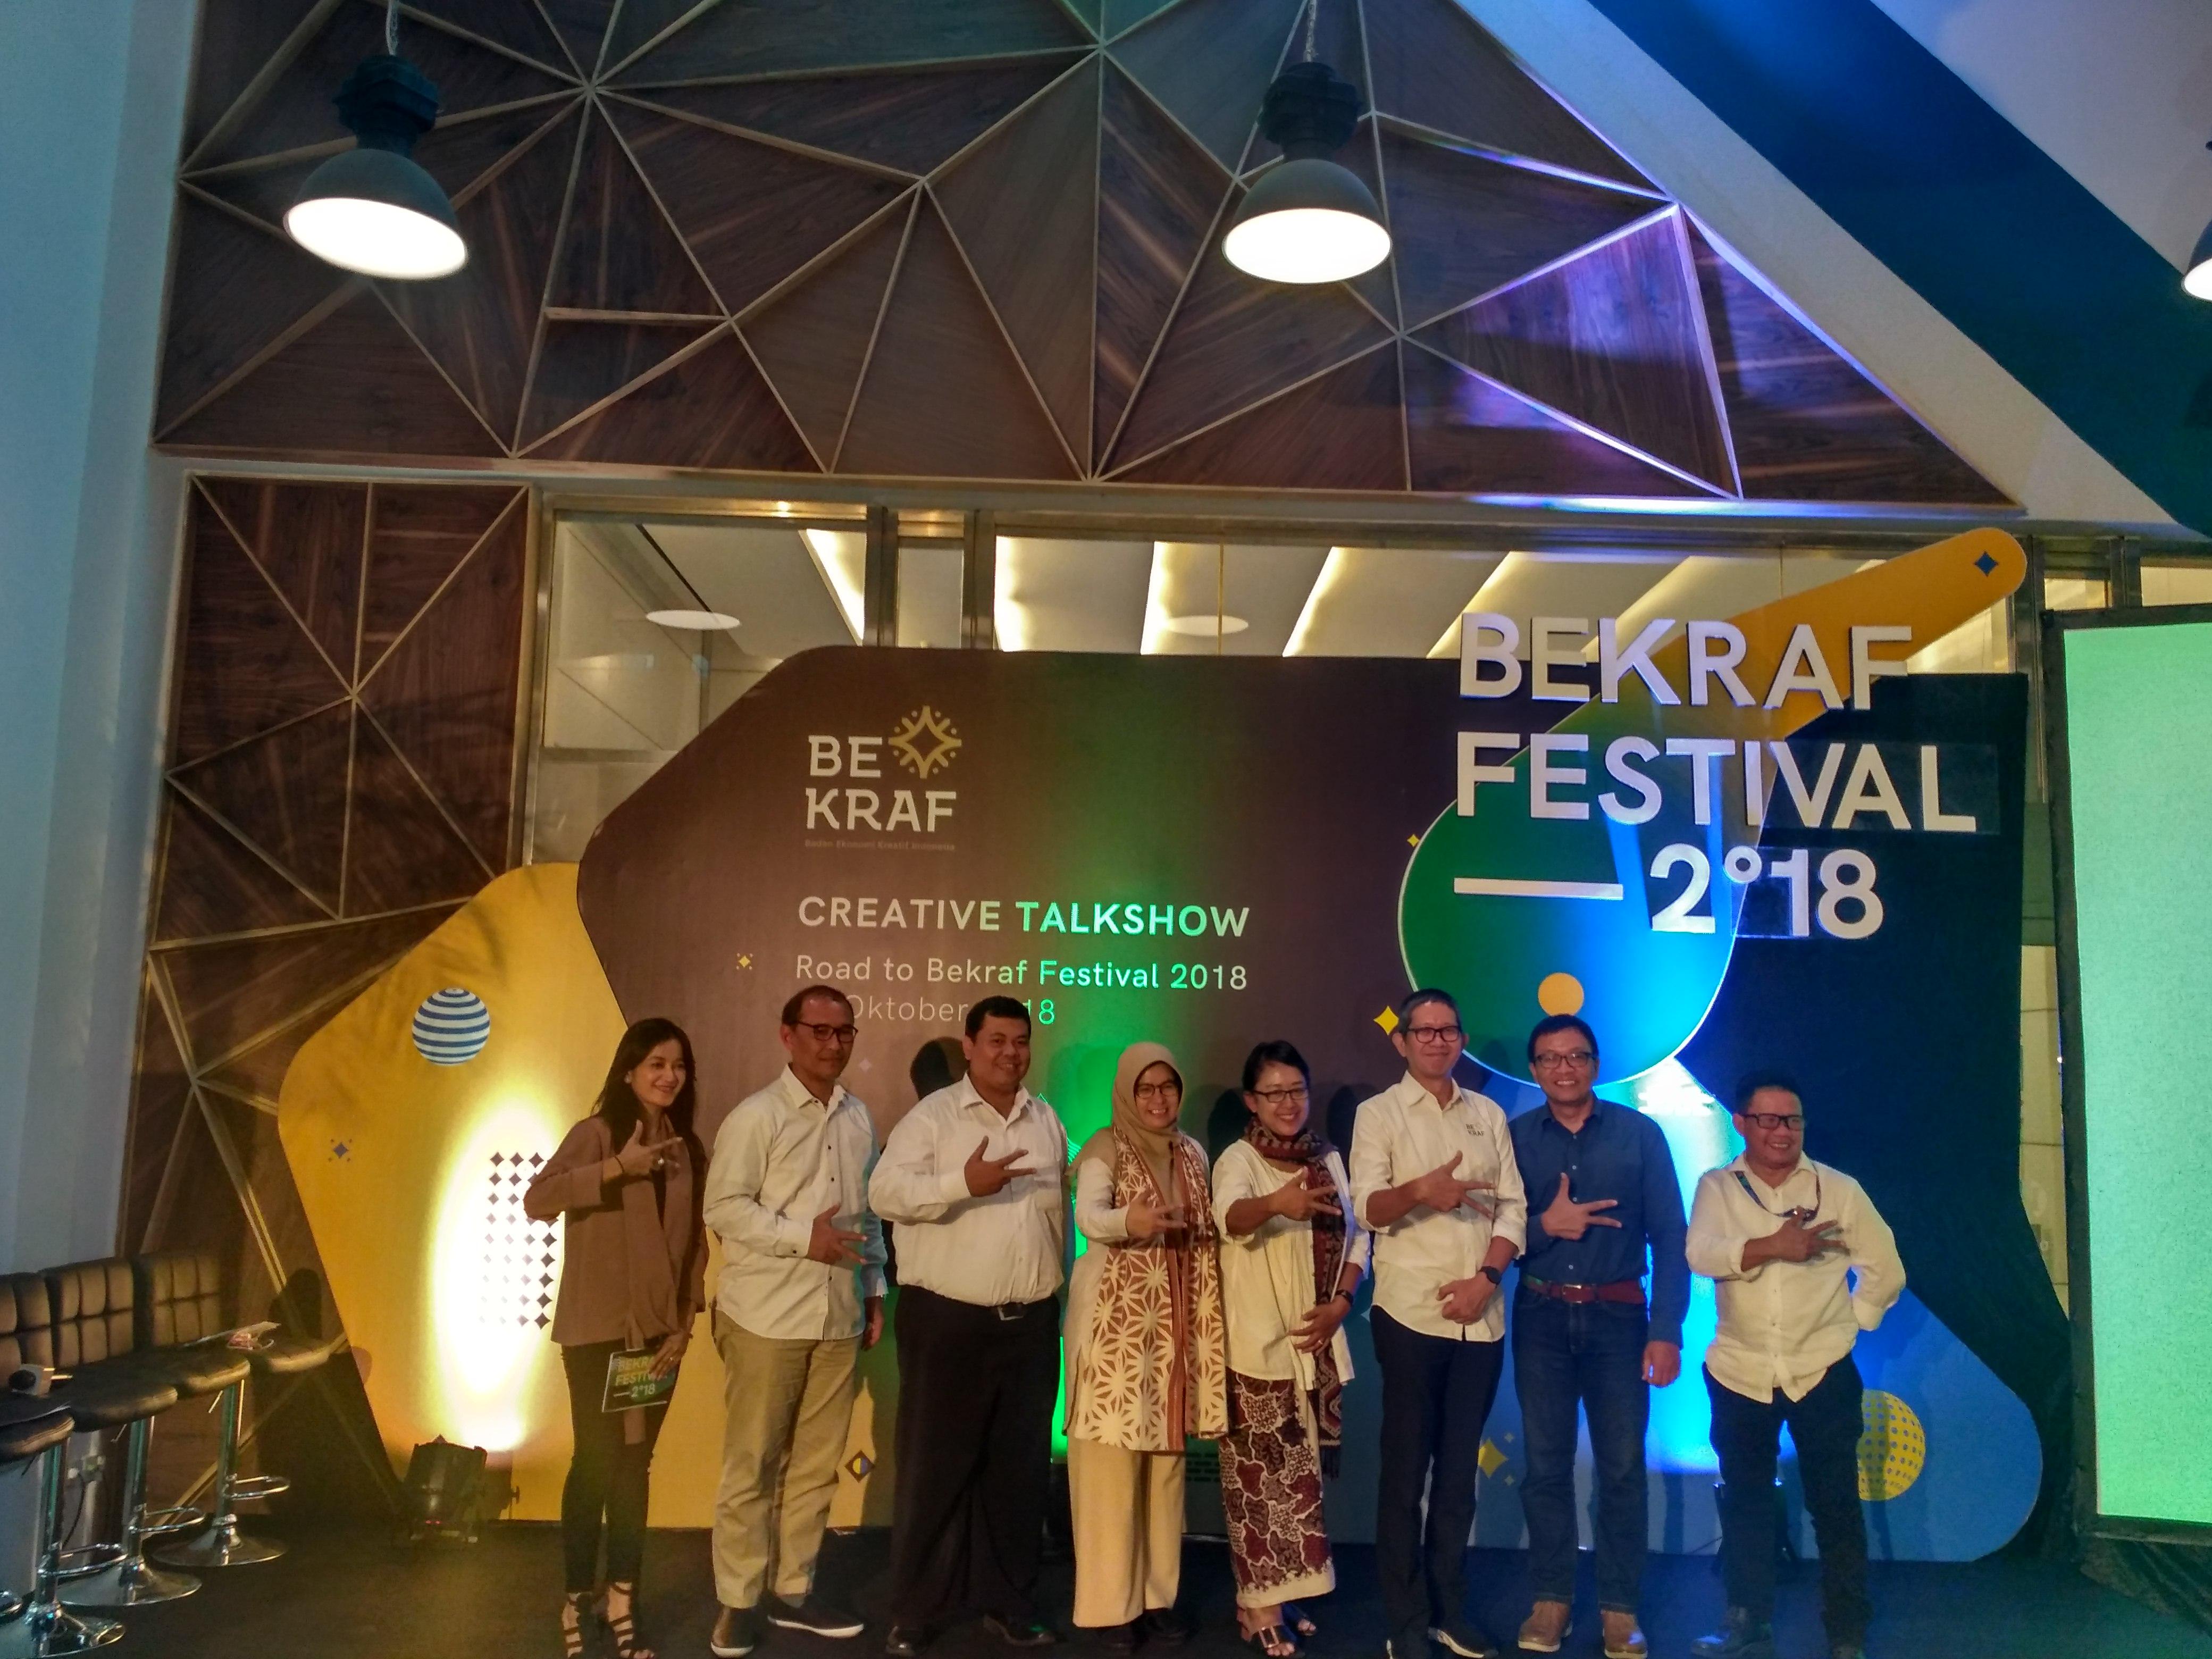 Bekraf Festival 2018 akan Digelar di Surabaya